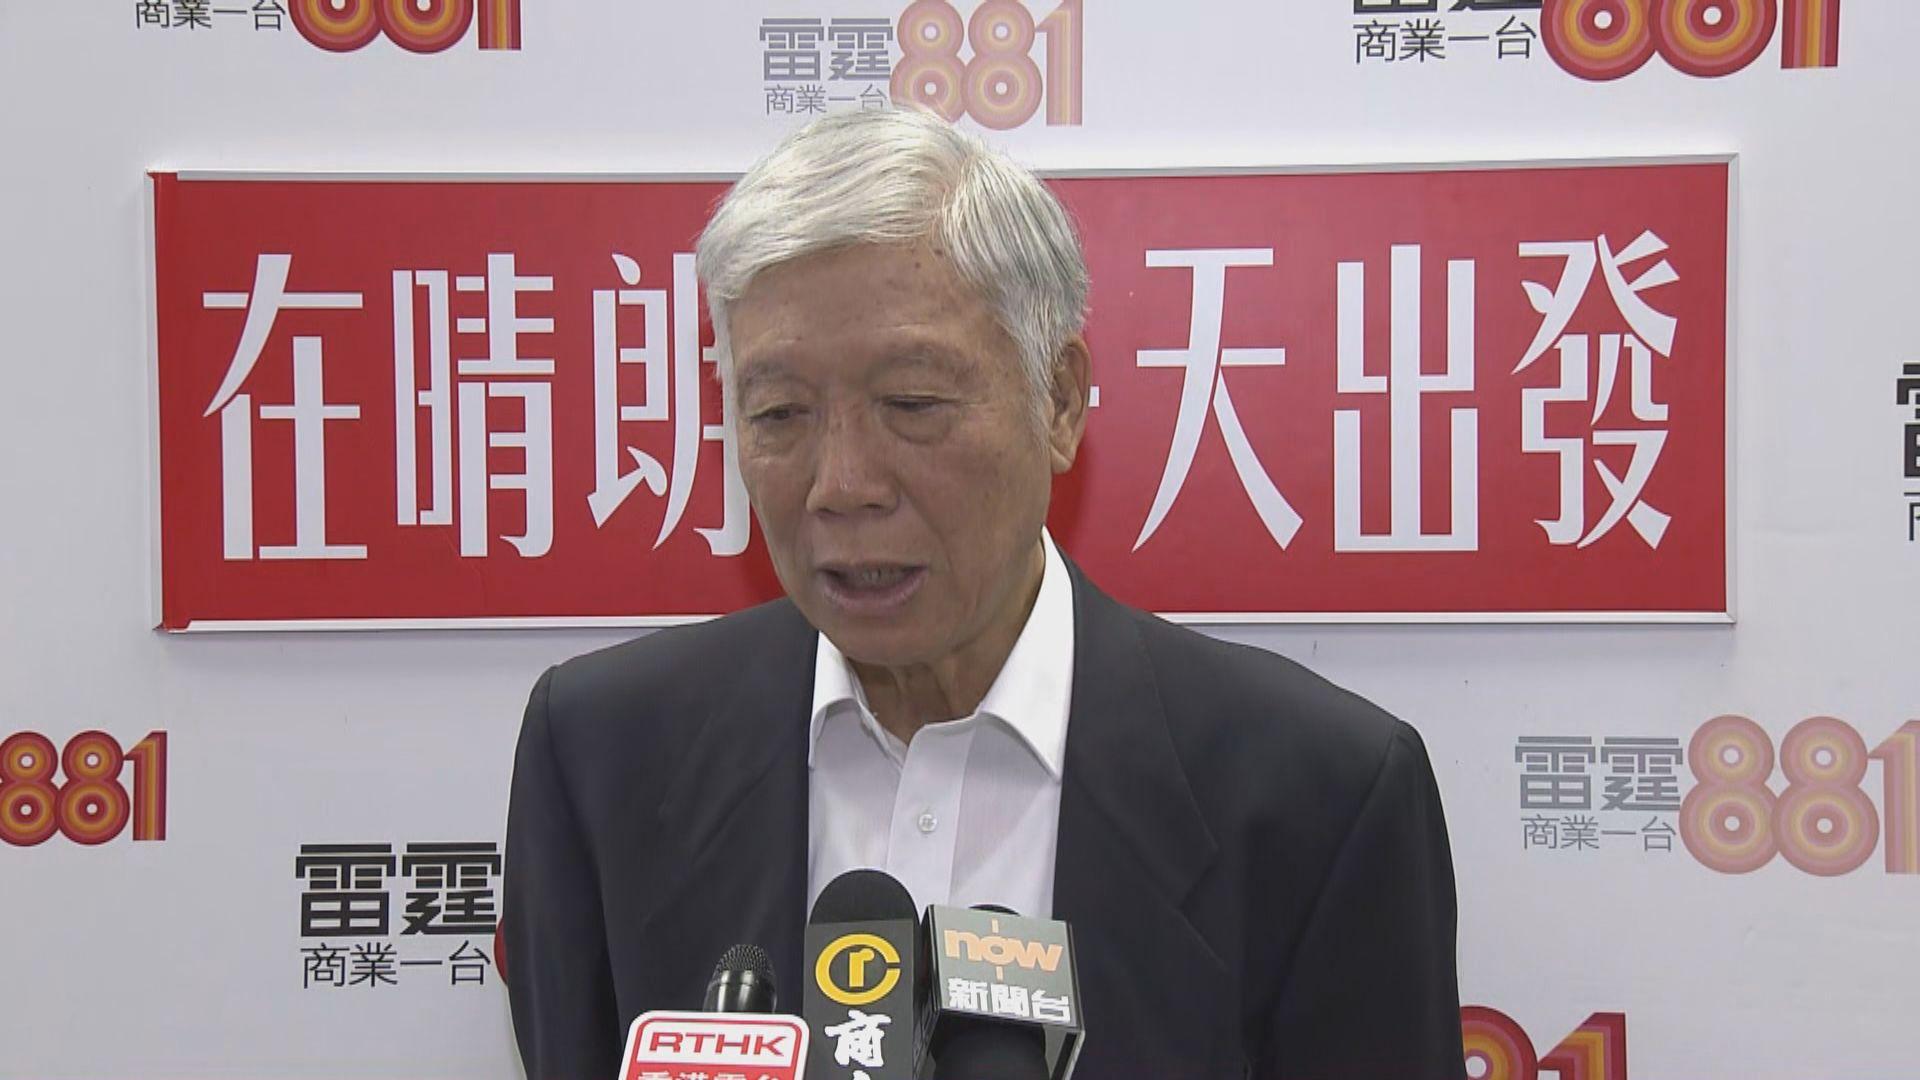 朱耀明:反修例跟悼念六四同為追求人權